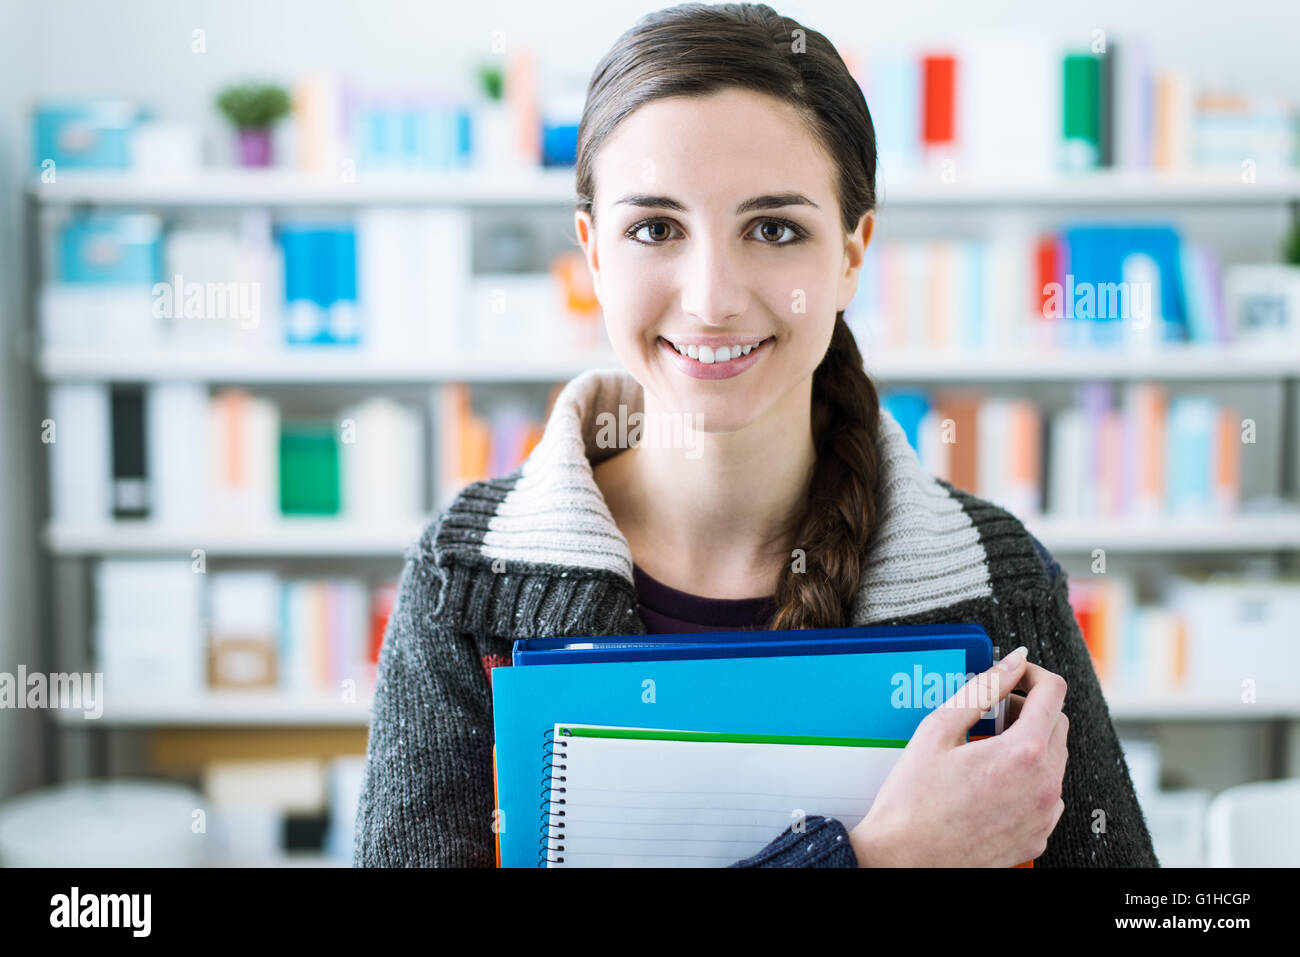 Jeune étudiante souriante jeune fille dans la bibliothèque de l'école, elle est holding notebooks Photo Stock